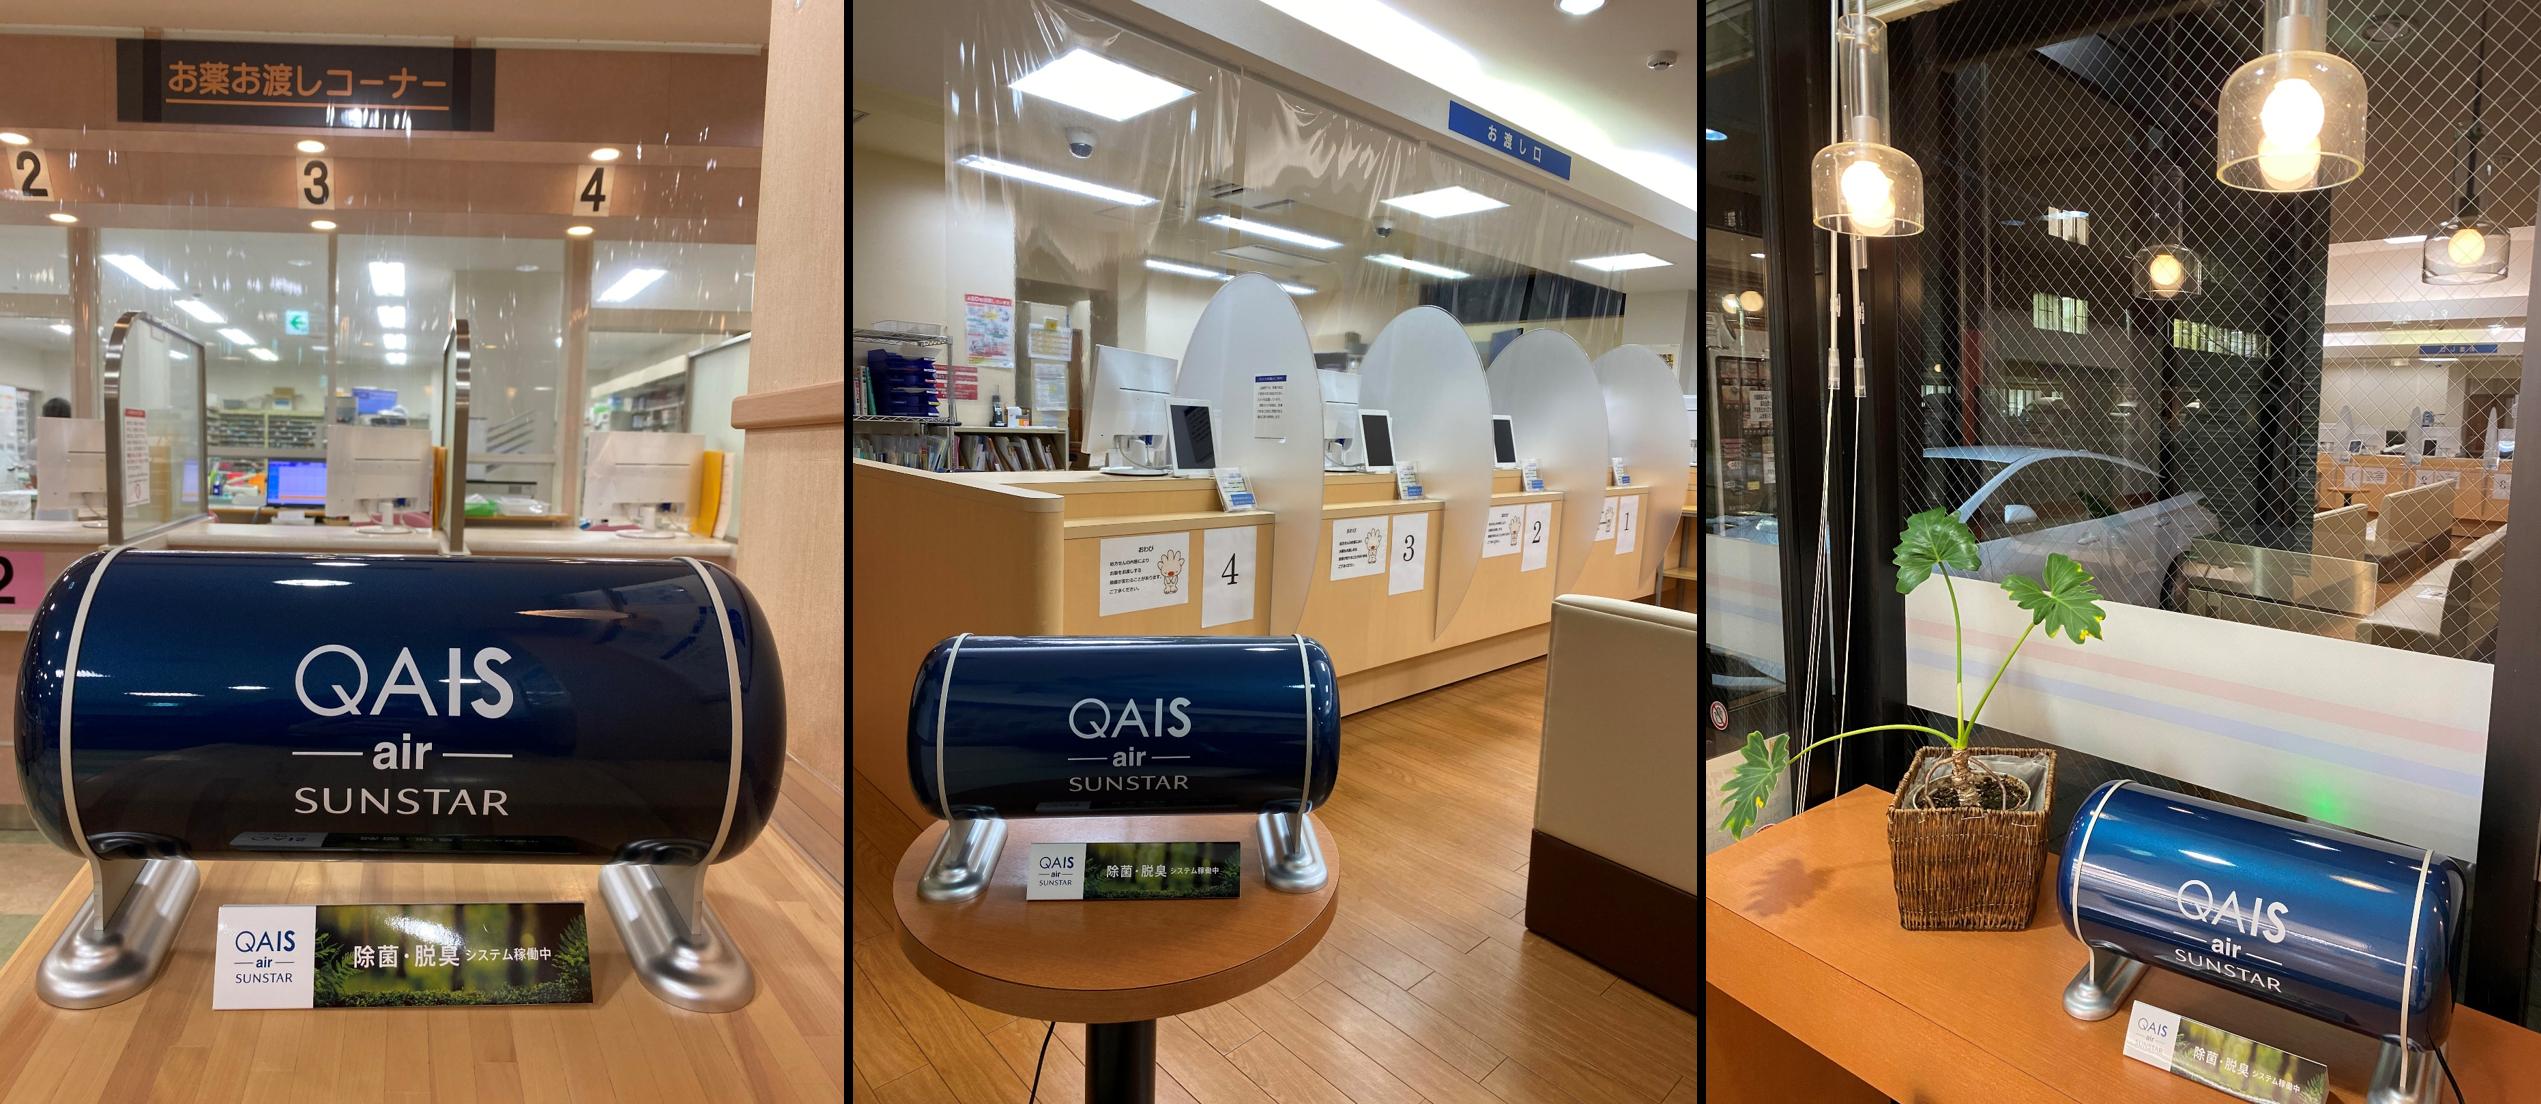 室内の空気環境から健康を考えるサンスター除菌脱臭機「QAIS -air- 01(クワイスエアーゼロワン)」が(株)フロンティアの調剤薬局・介護施設など全施設に導入